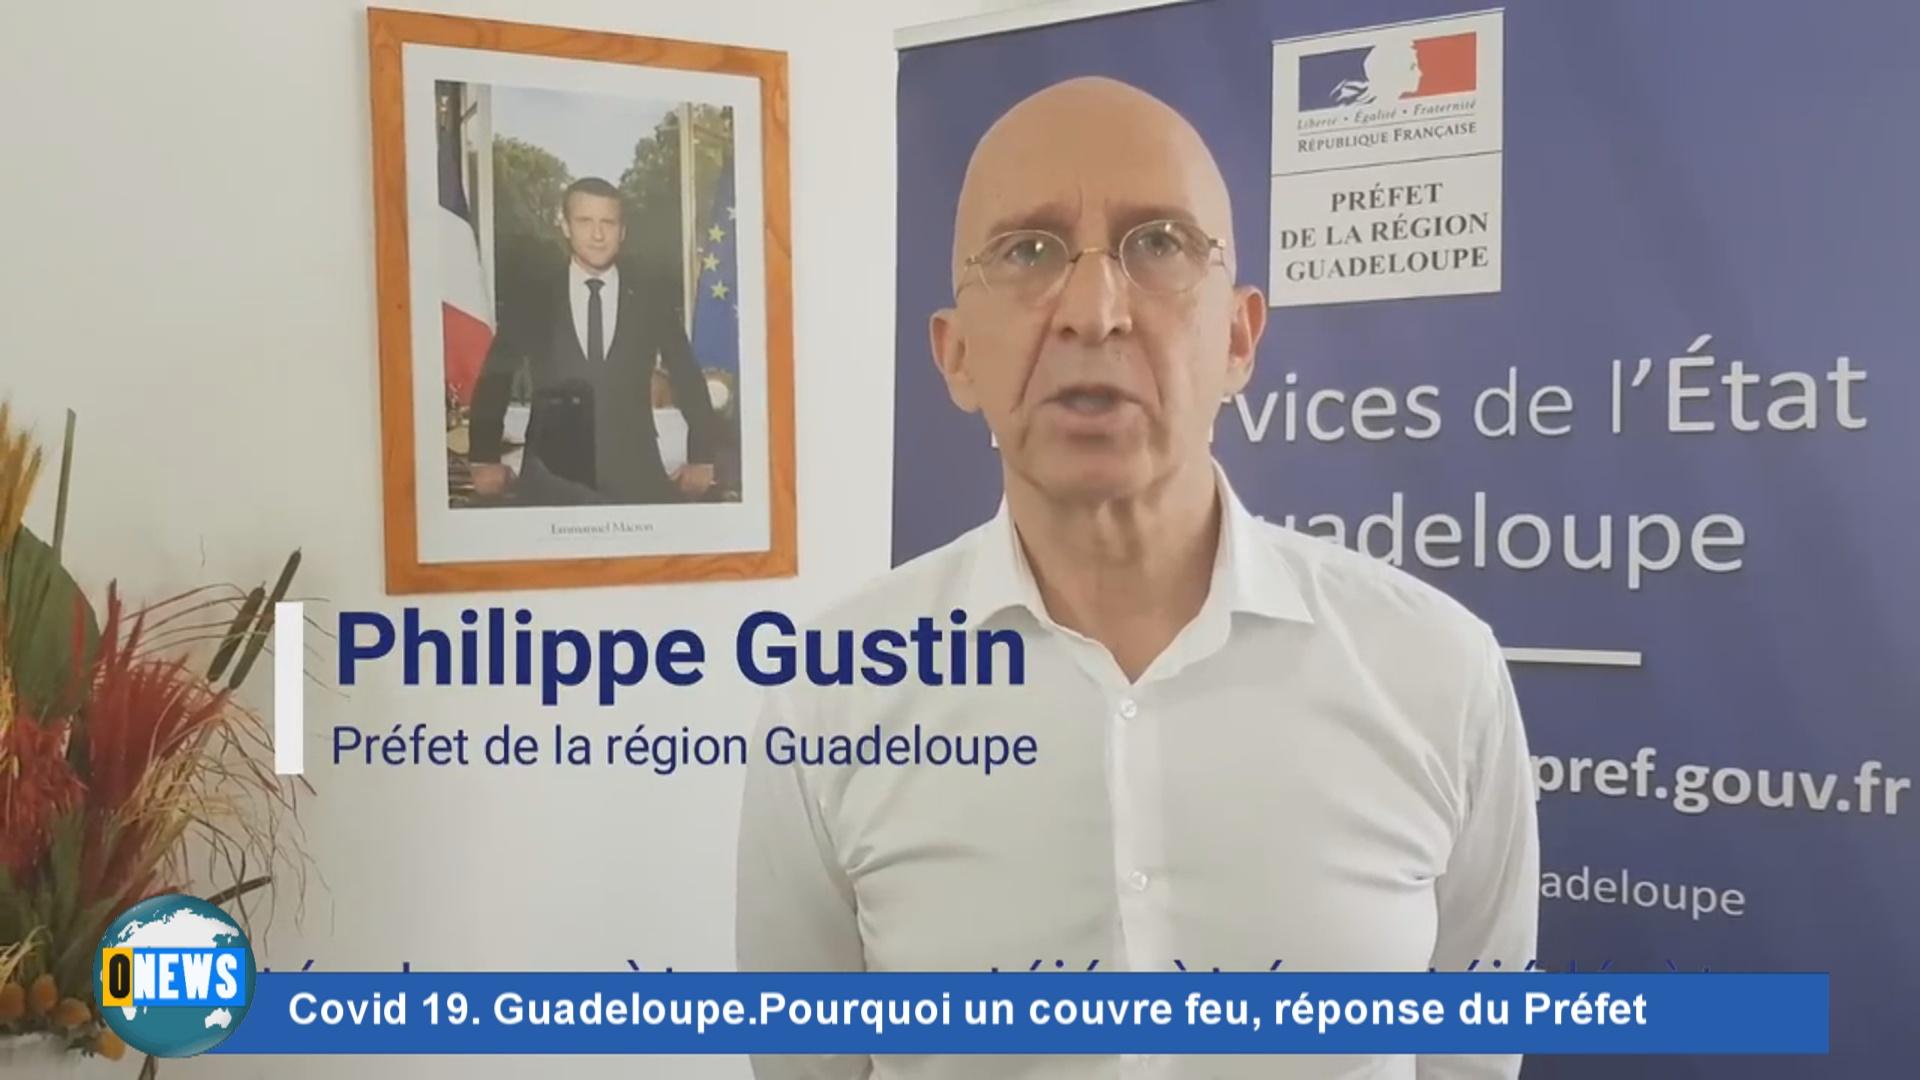 [Vidéo] Covid 19 Guadeloupe Pourquoi un couvre feu, réponse du Préfet